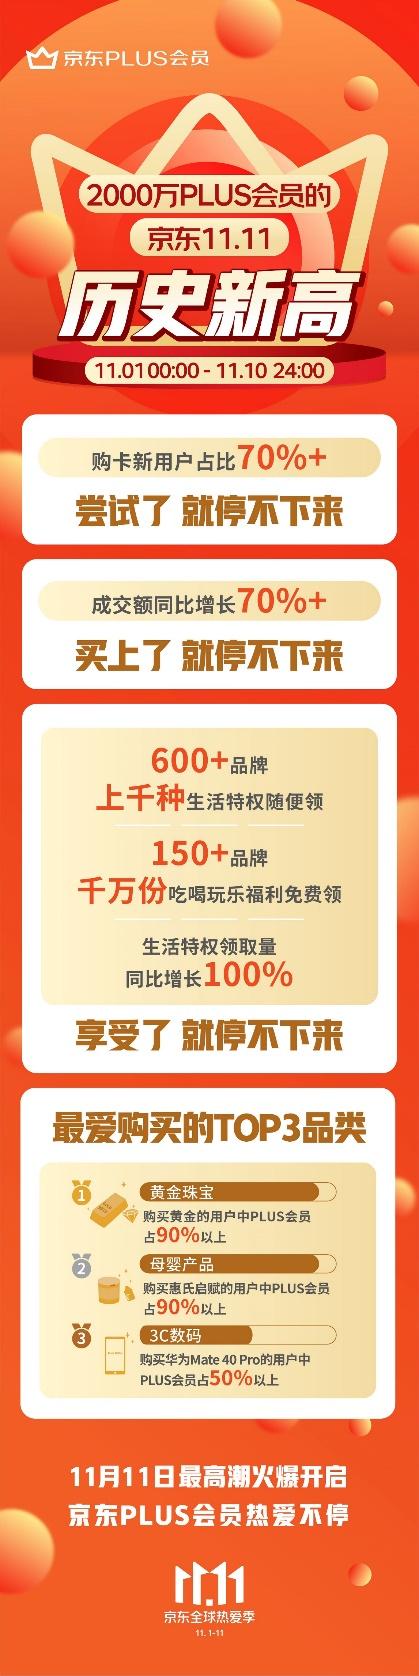 1-10日成交额同比增长超70%,11.11京东PLUS会员热爱不停